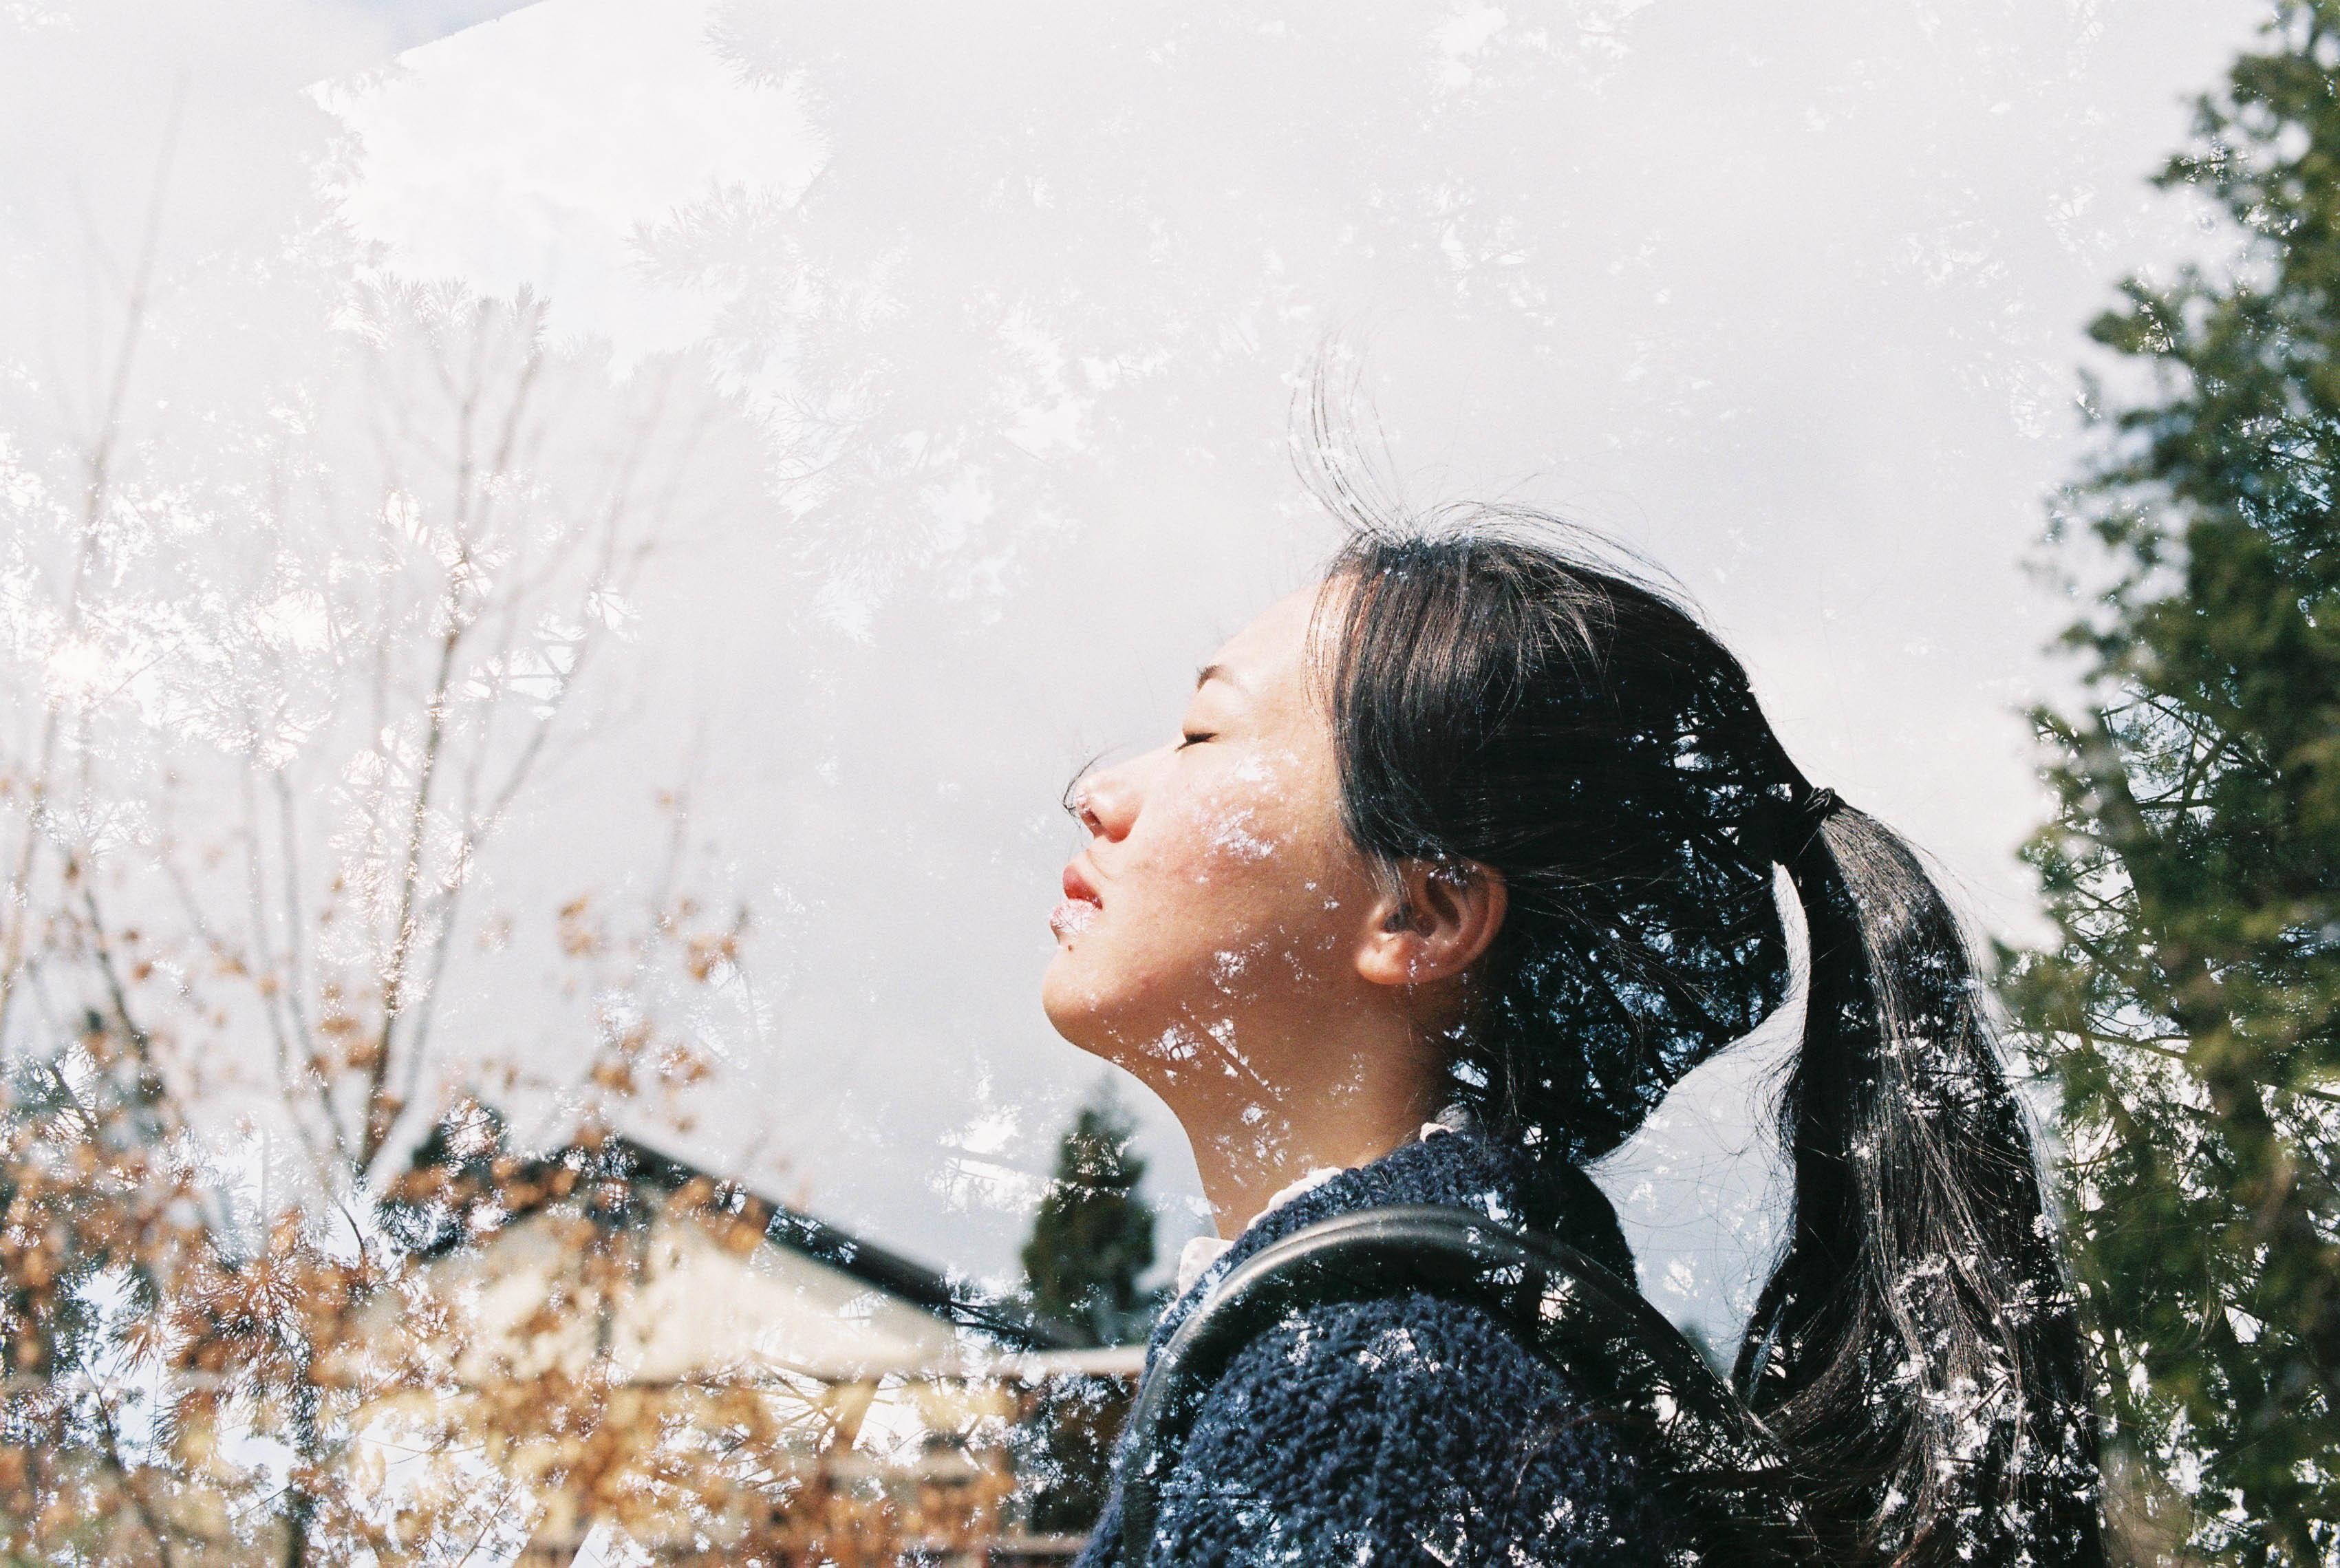 Kyoto Street@Jennyfish817-菲林中文-独立胶片摄影门户!